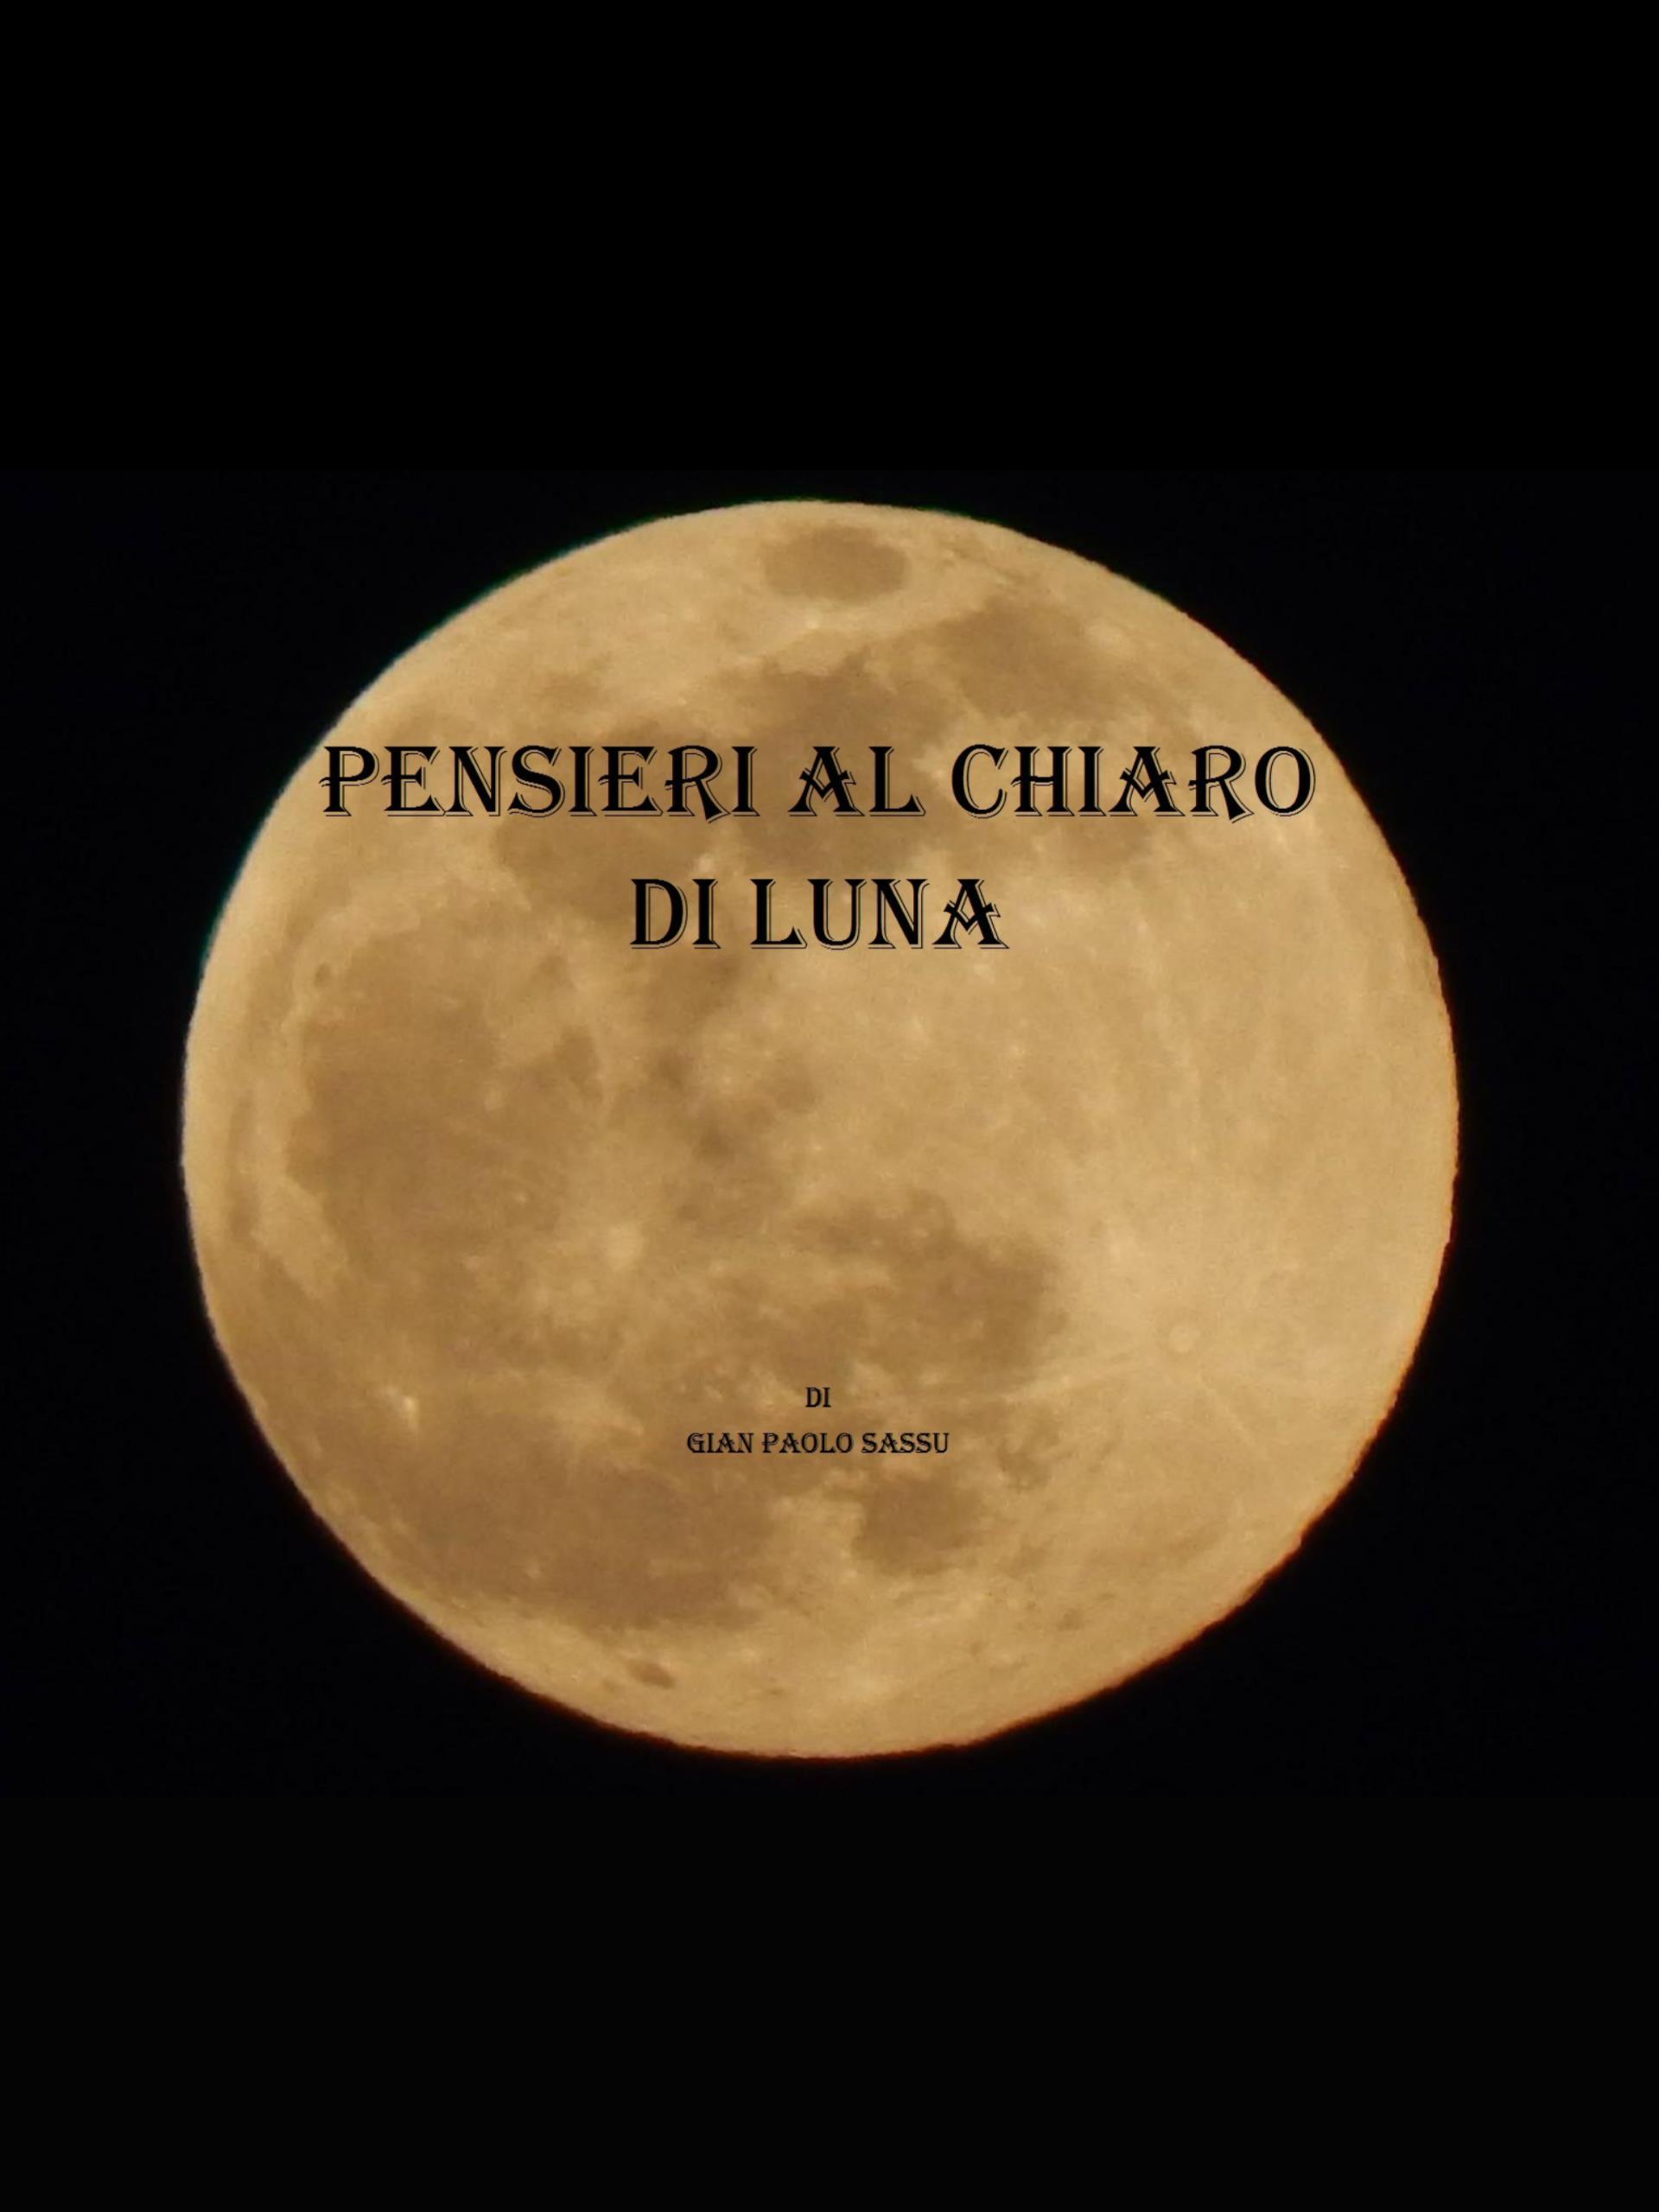 Pensieri al chiaro di luna